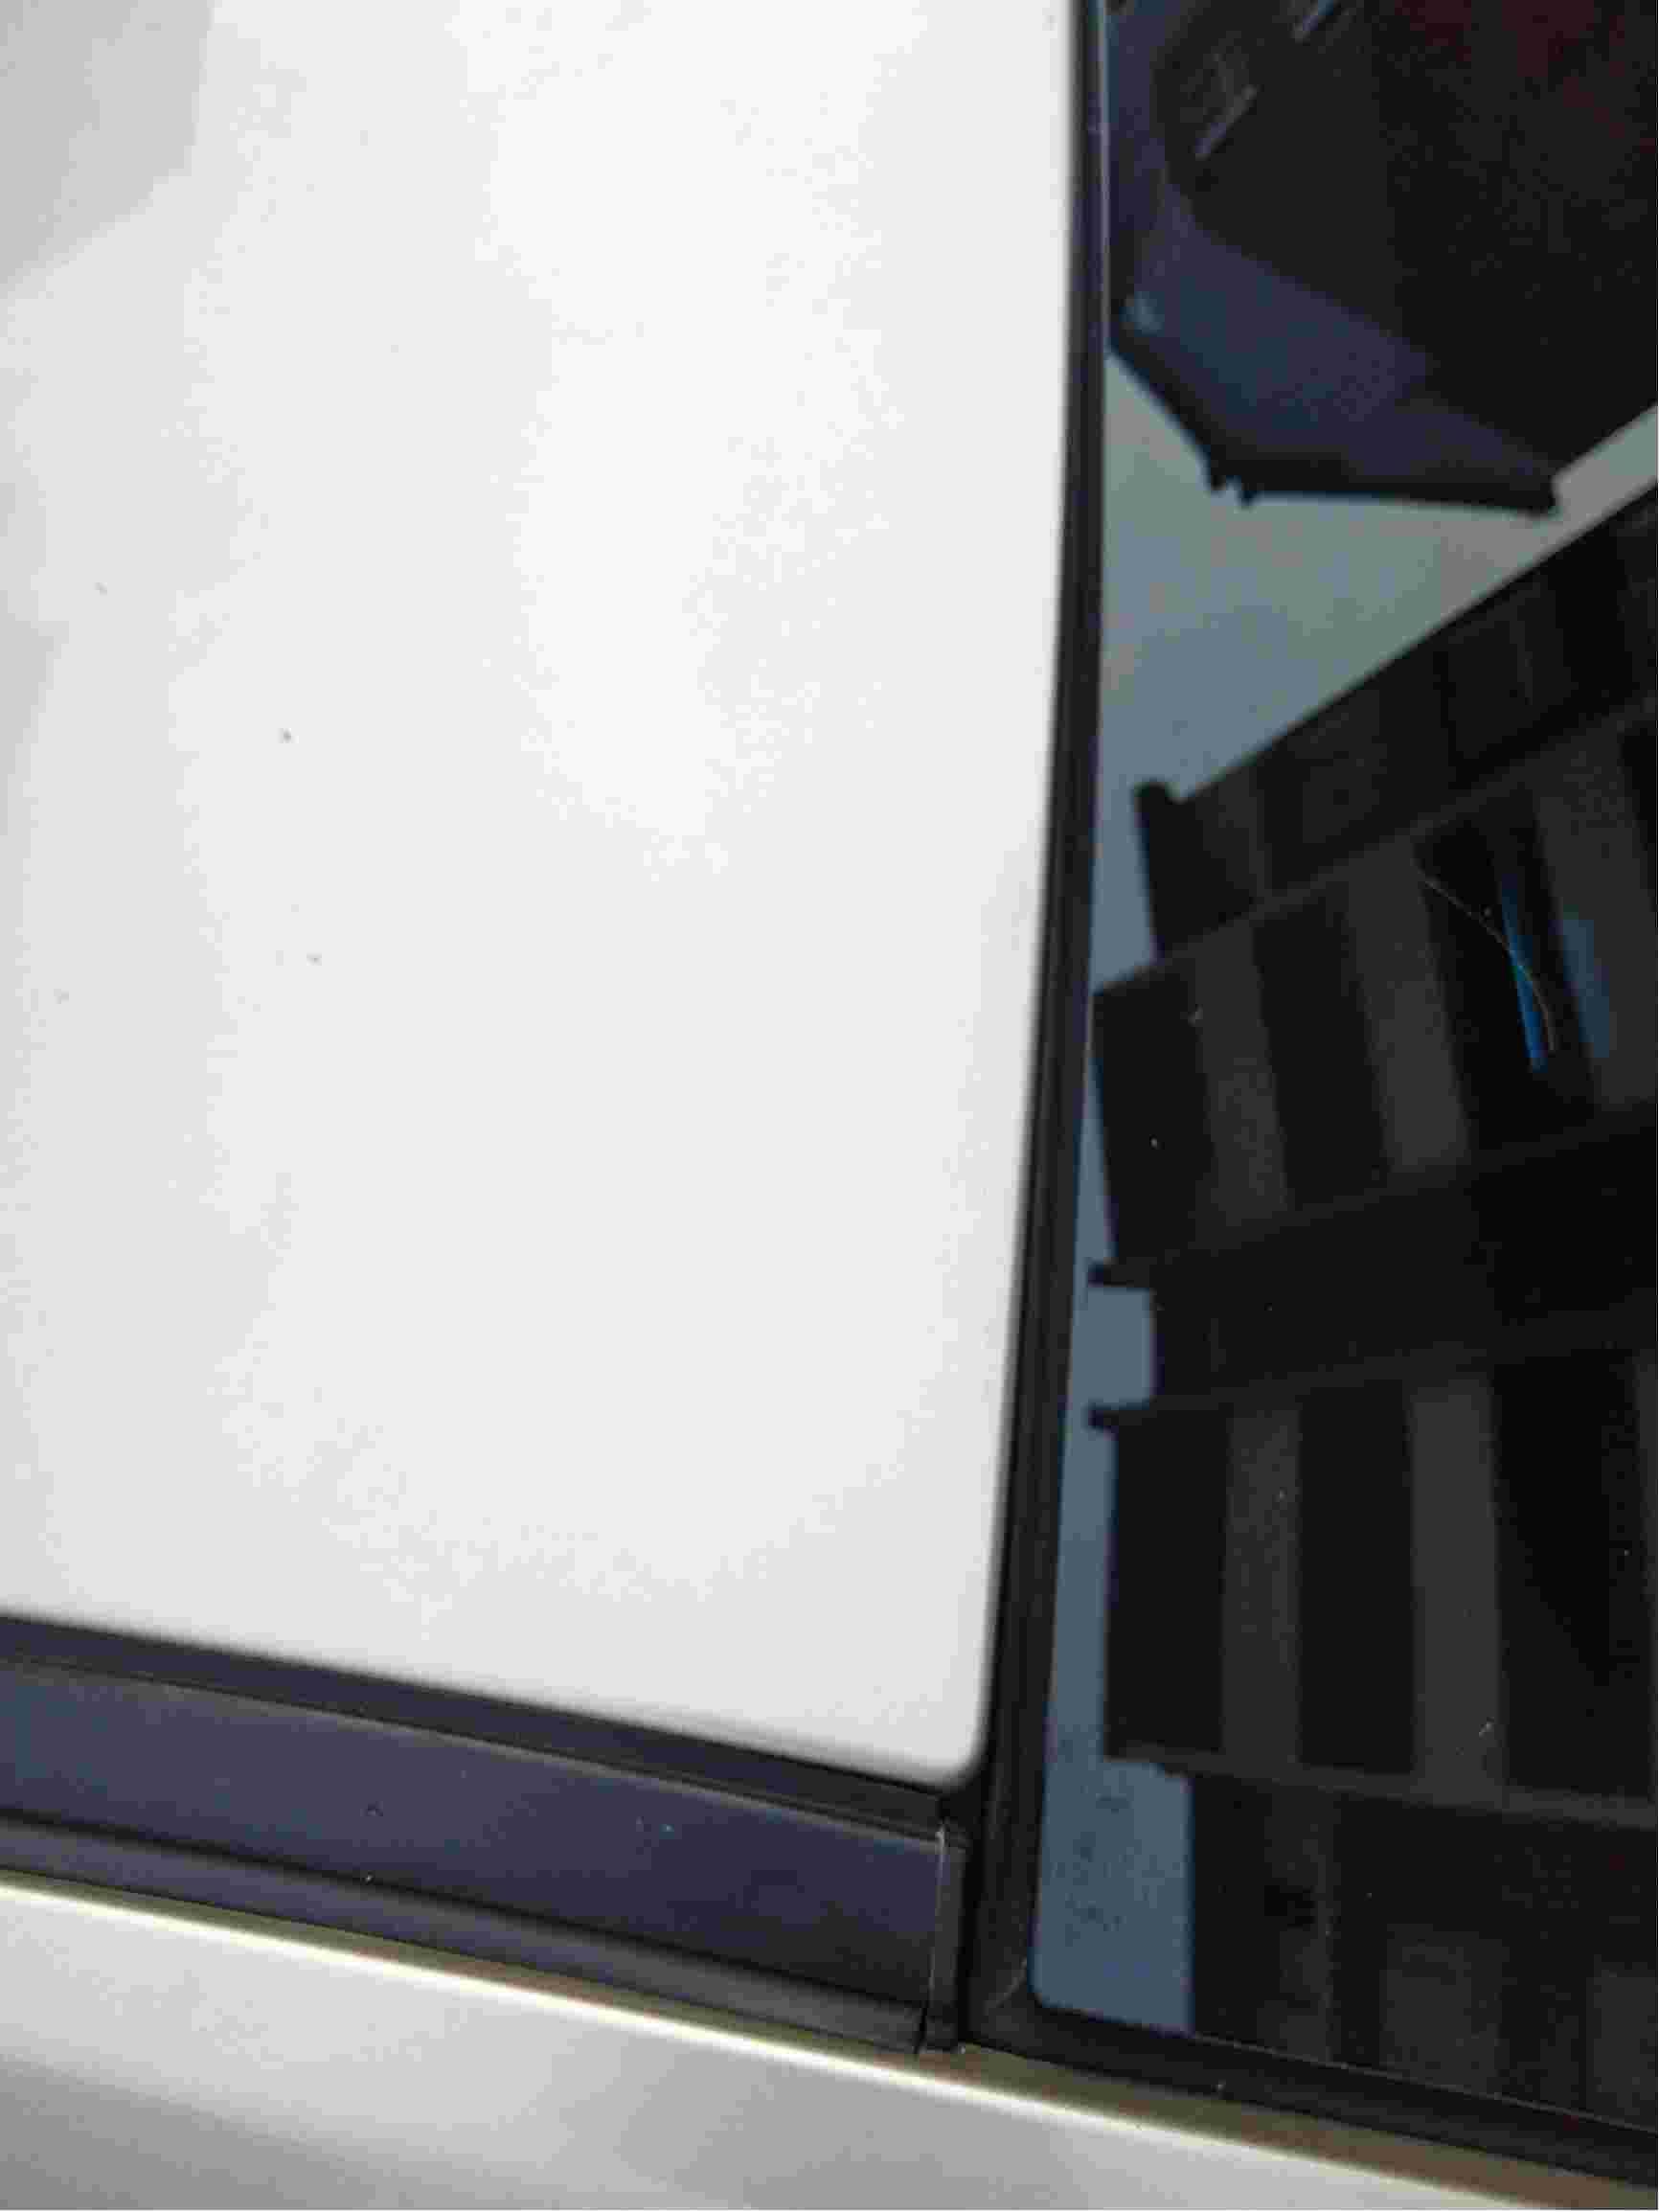 跟换前档玻璃后,左右缝隙不均匀,有异响